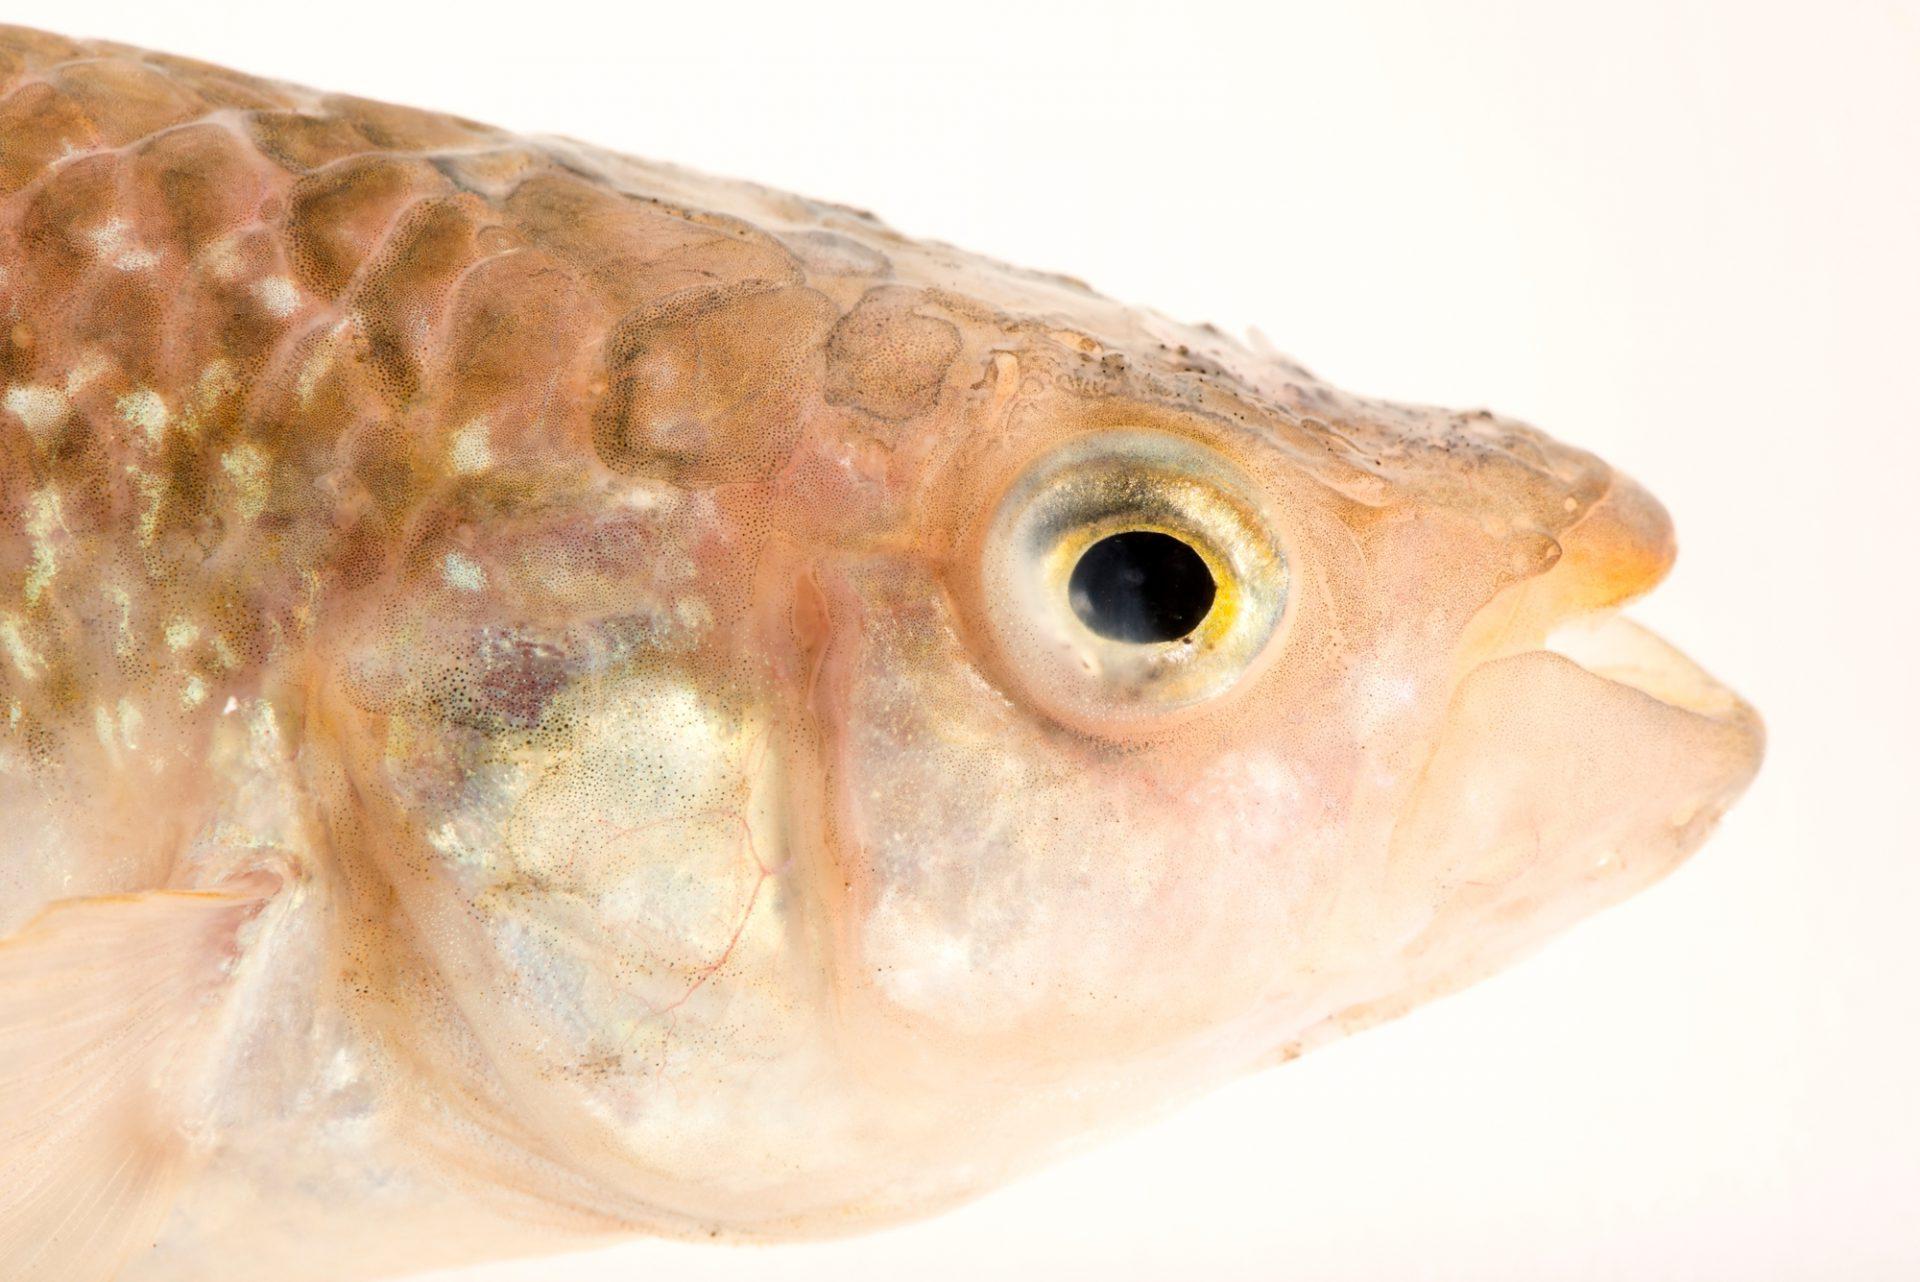 Photo: Gulf killifish (Fundulus grandis) at the Albuquerque BioPark Aquarium.